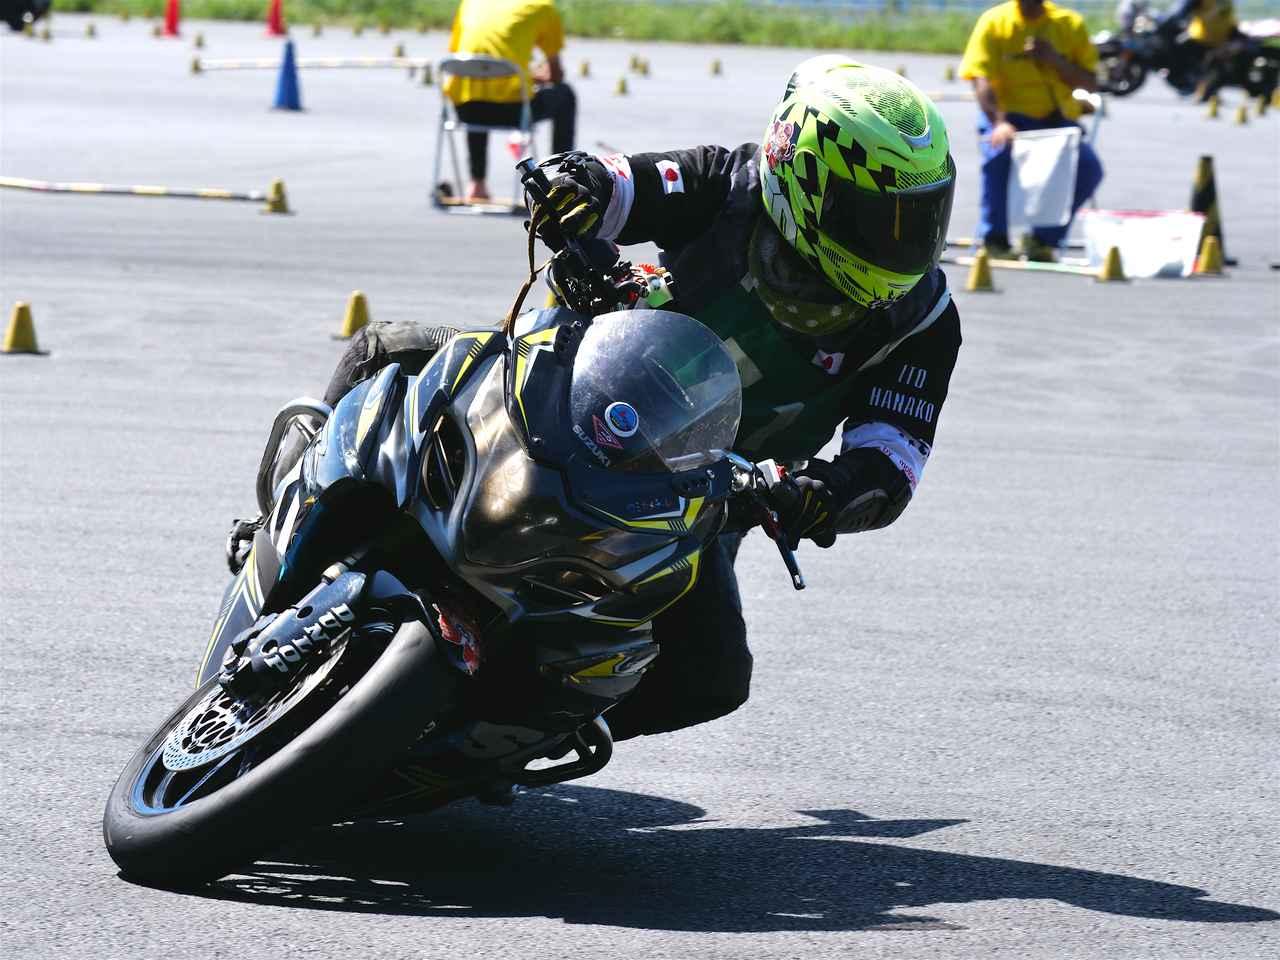 画像: レディス1位 伊藤華子選手(C1)&GSX-R1000 1分33秒675